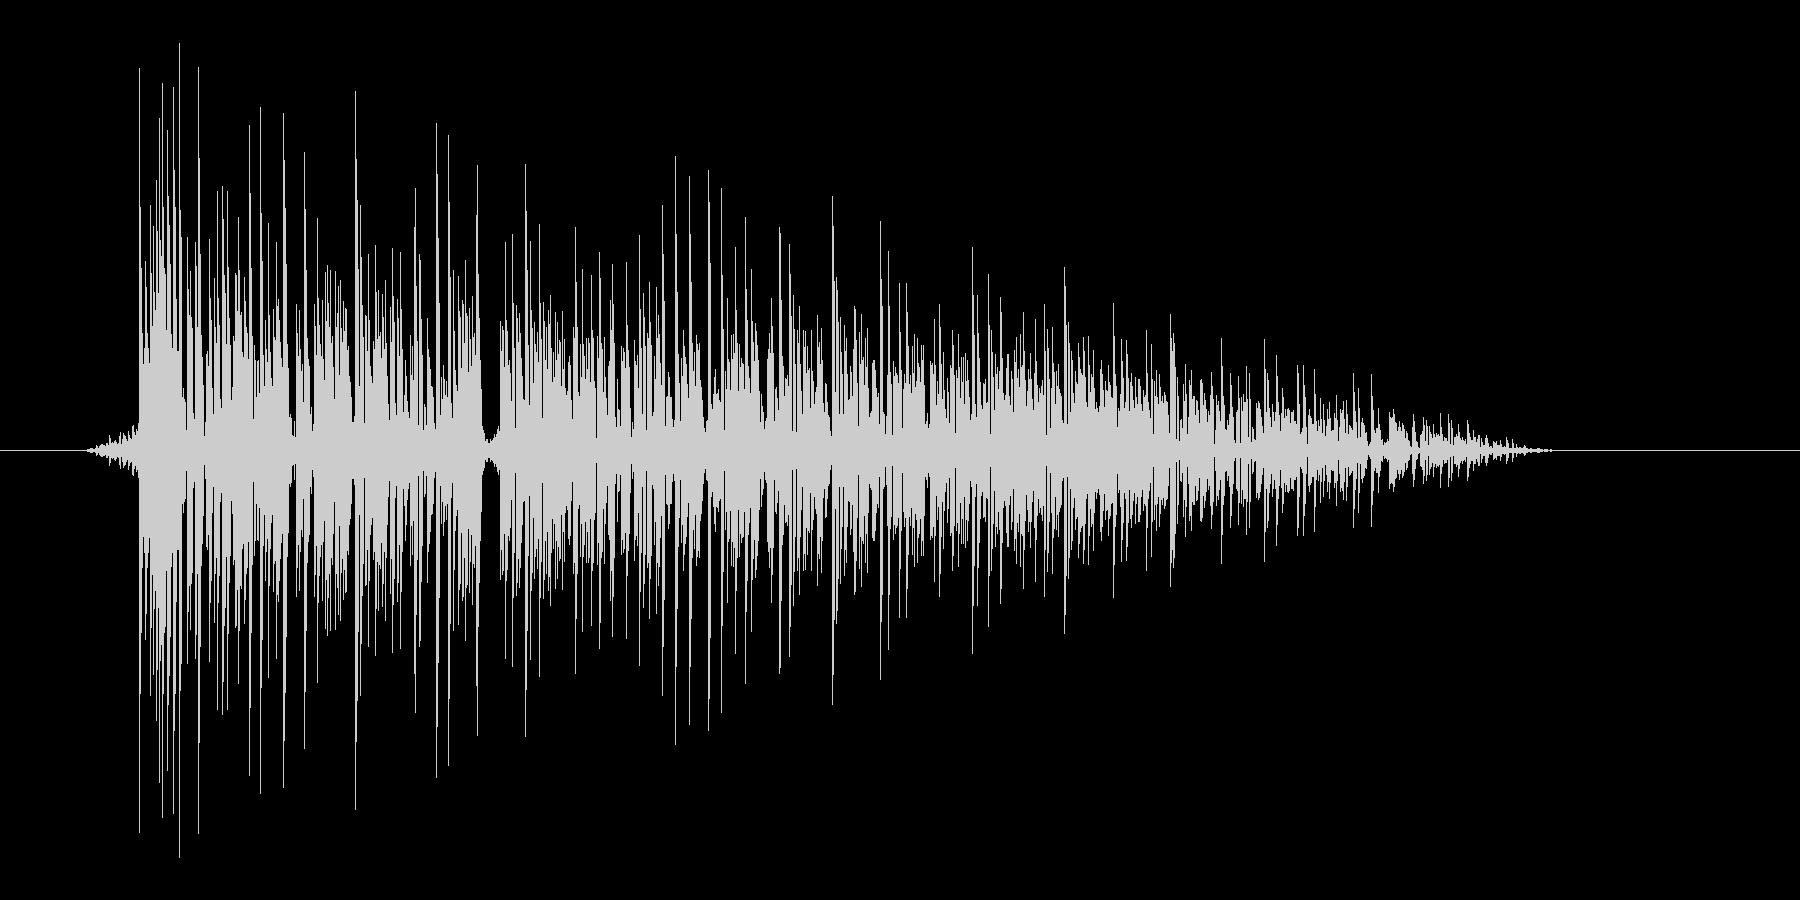 ゲーム(ファミコン風)爆発音_027の未再生の波形